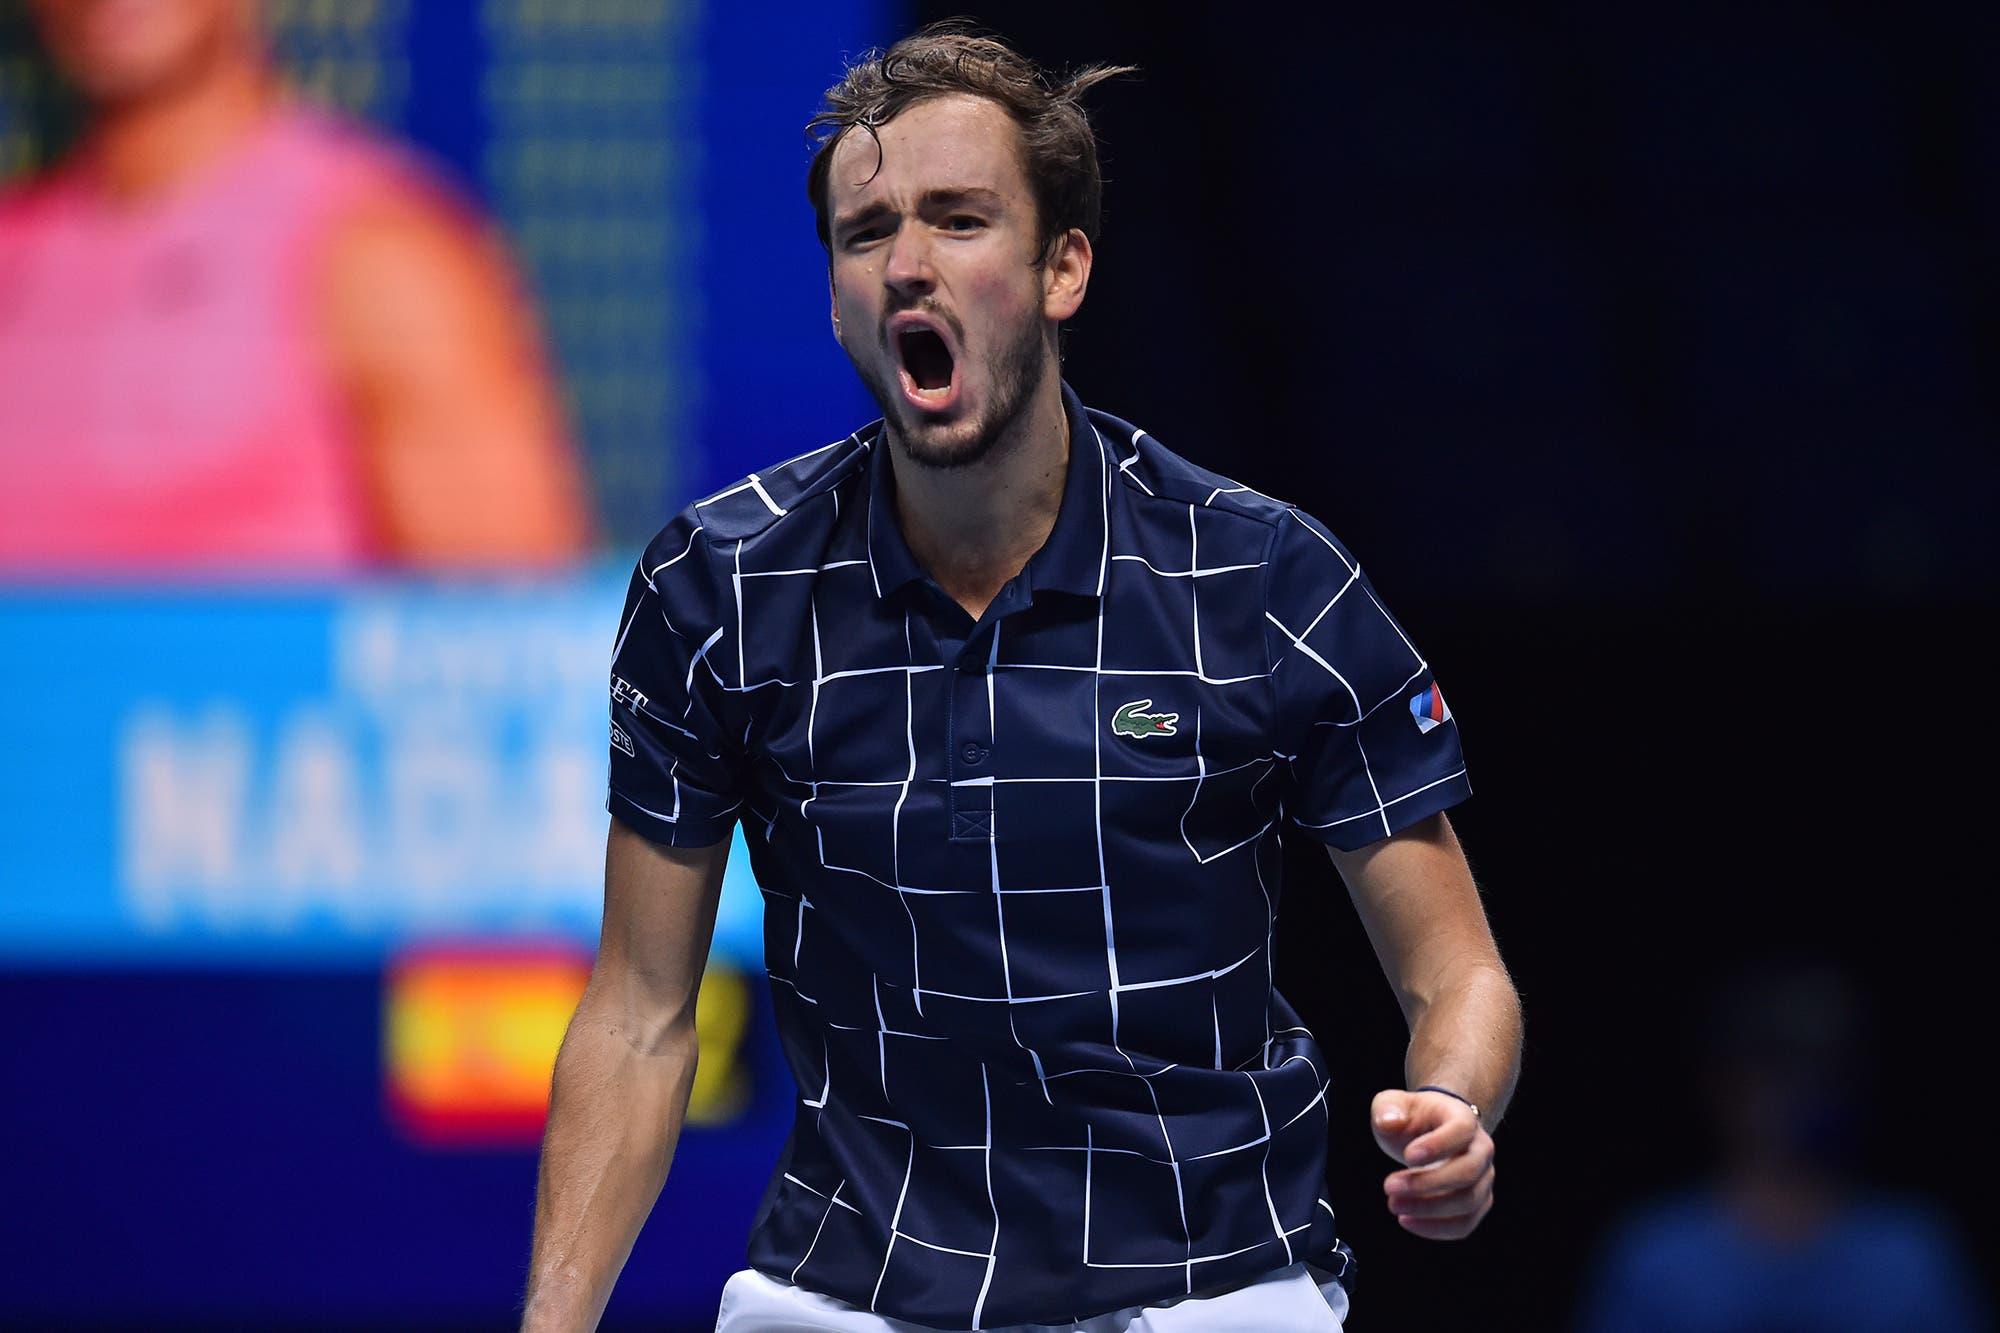 Daniil Medvedev dio vuelta el partido, le ganó por primera vez a Rafael Nadal y jugará la final del Masters de Londres